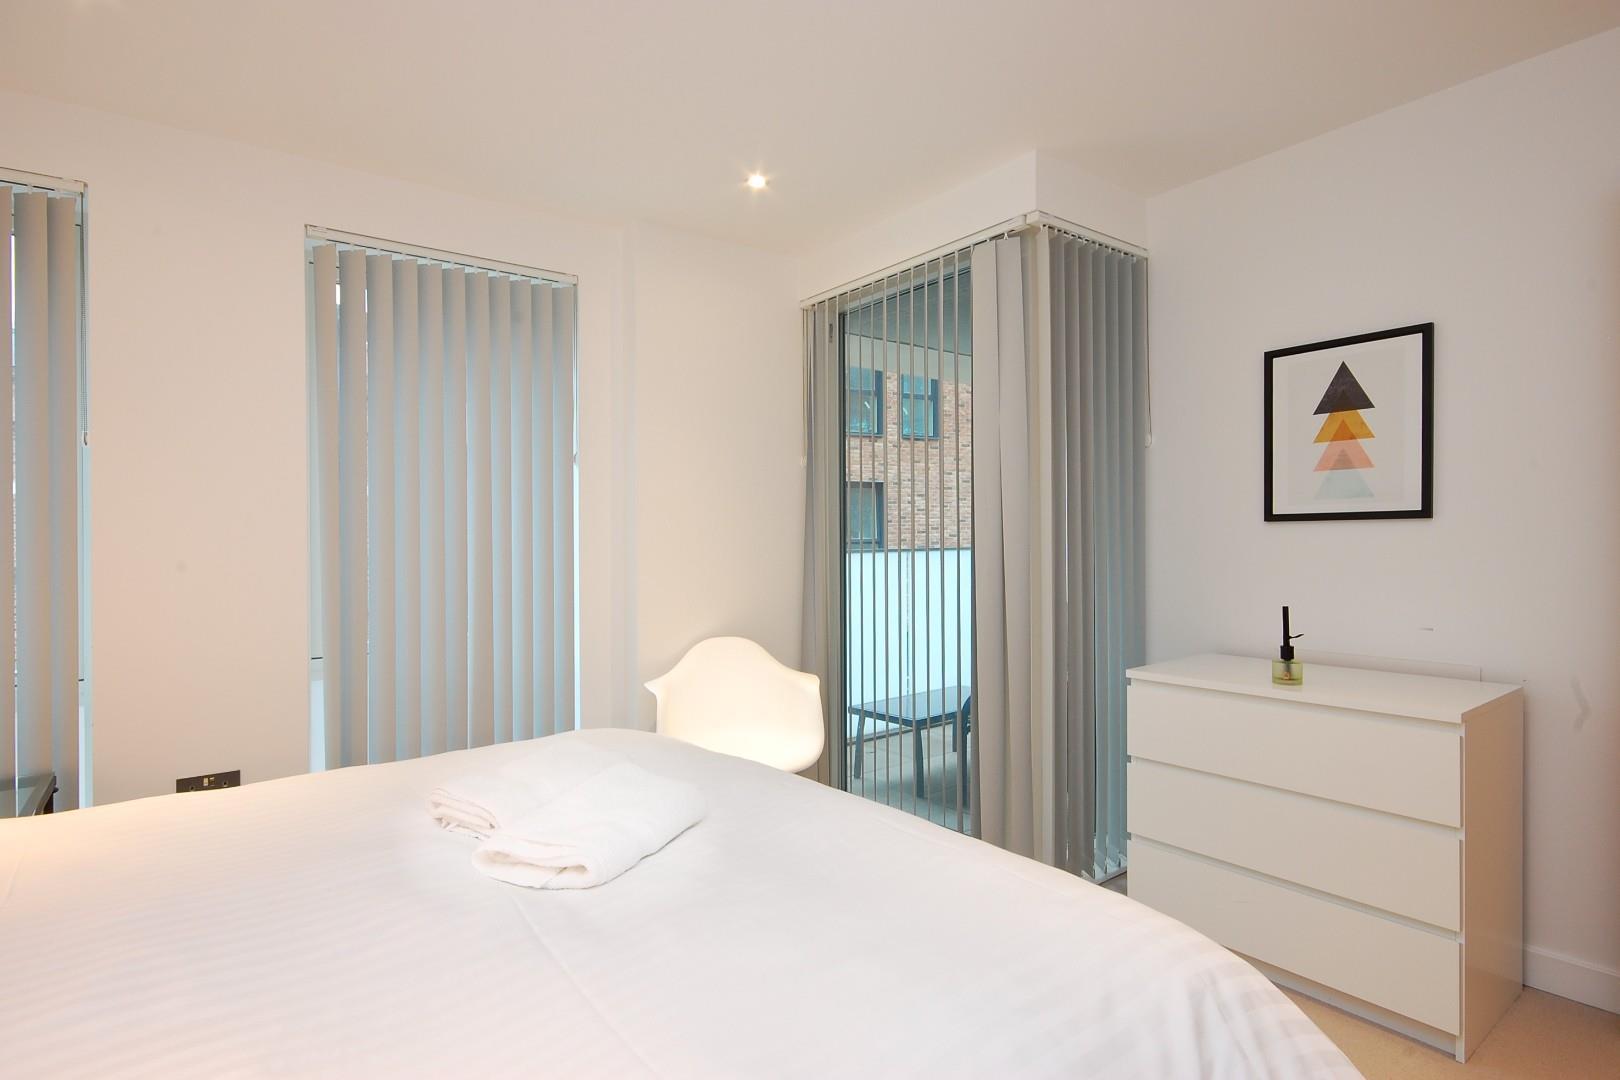 Godfrey-Bedroom 3a.jpg